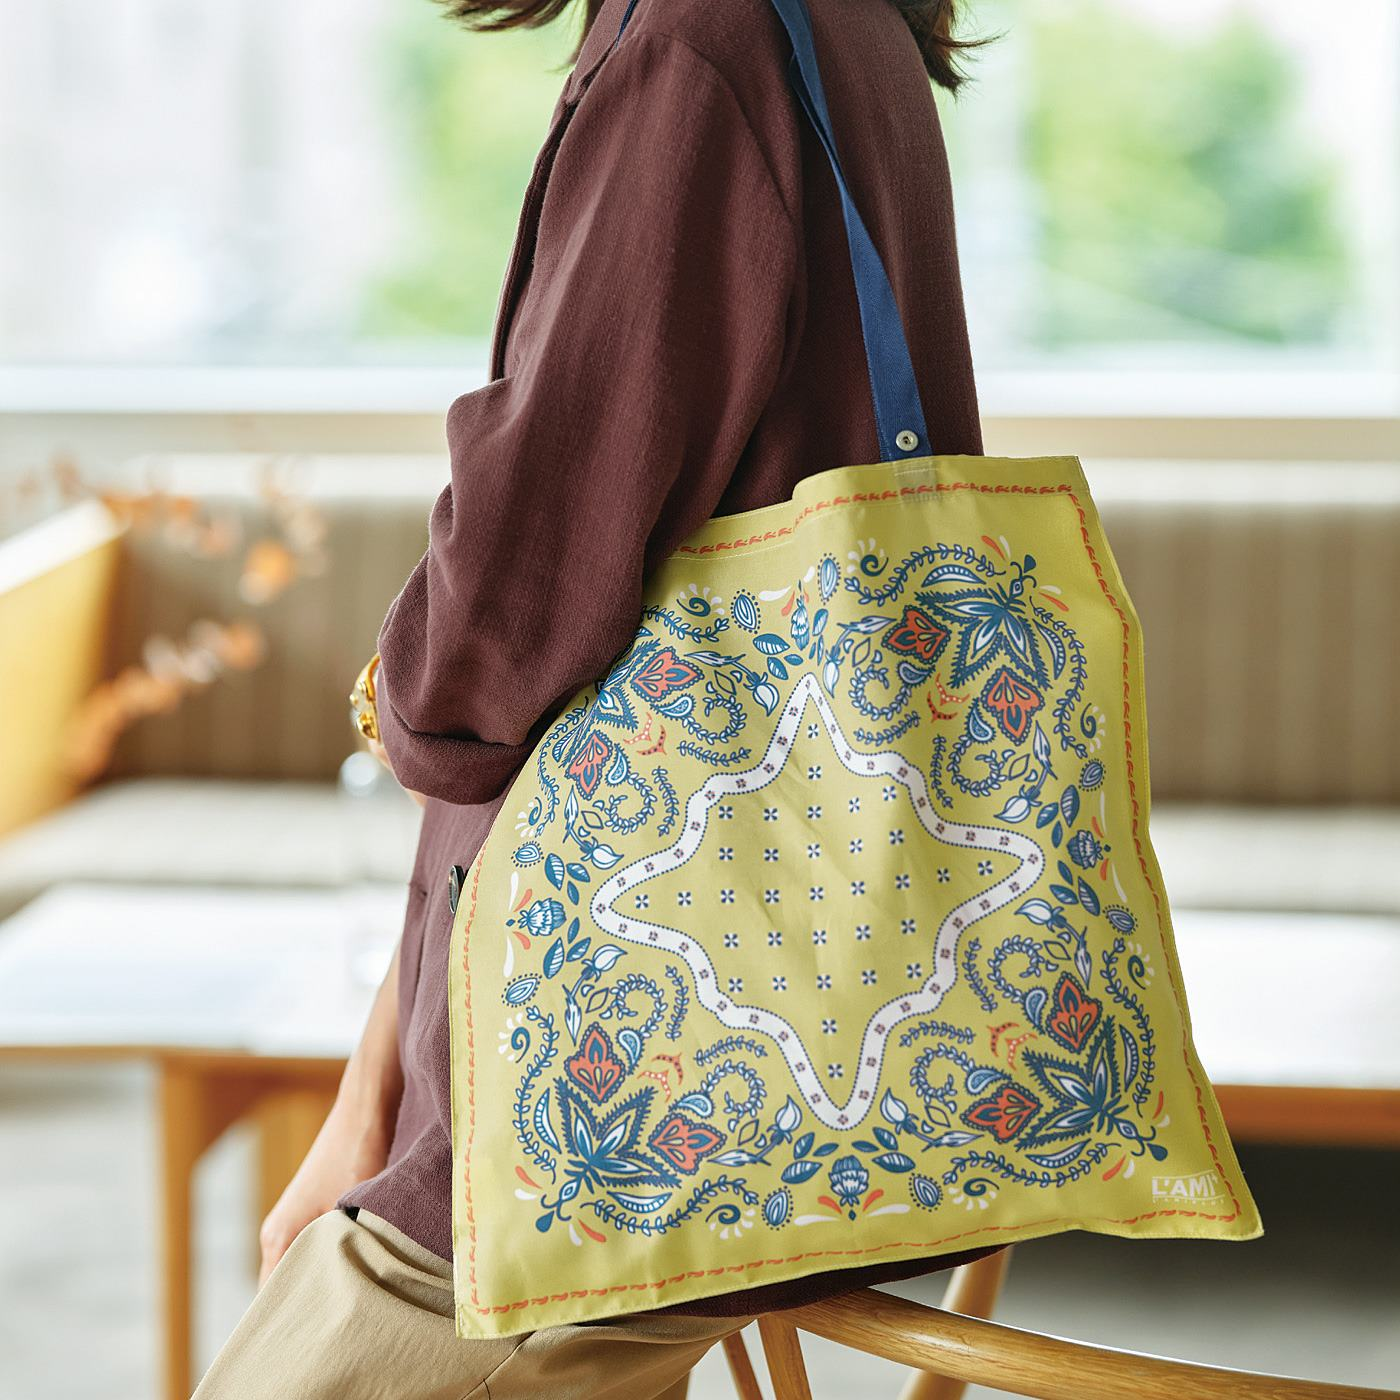 L'AMIPLUS[ラミプリュス] 急な買い物も安心 結んでお出かけスカーフエコバッグ〈フラワーペイズリー〉の会